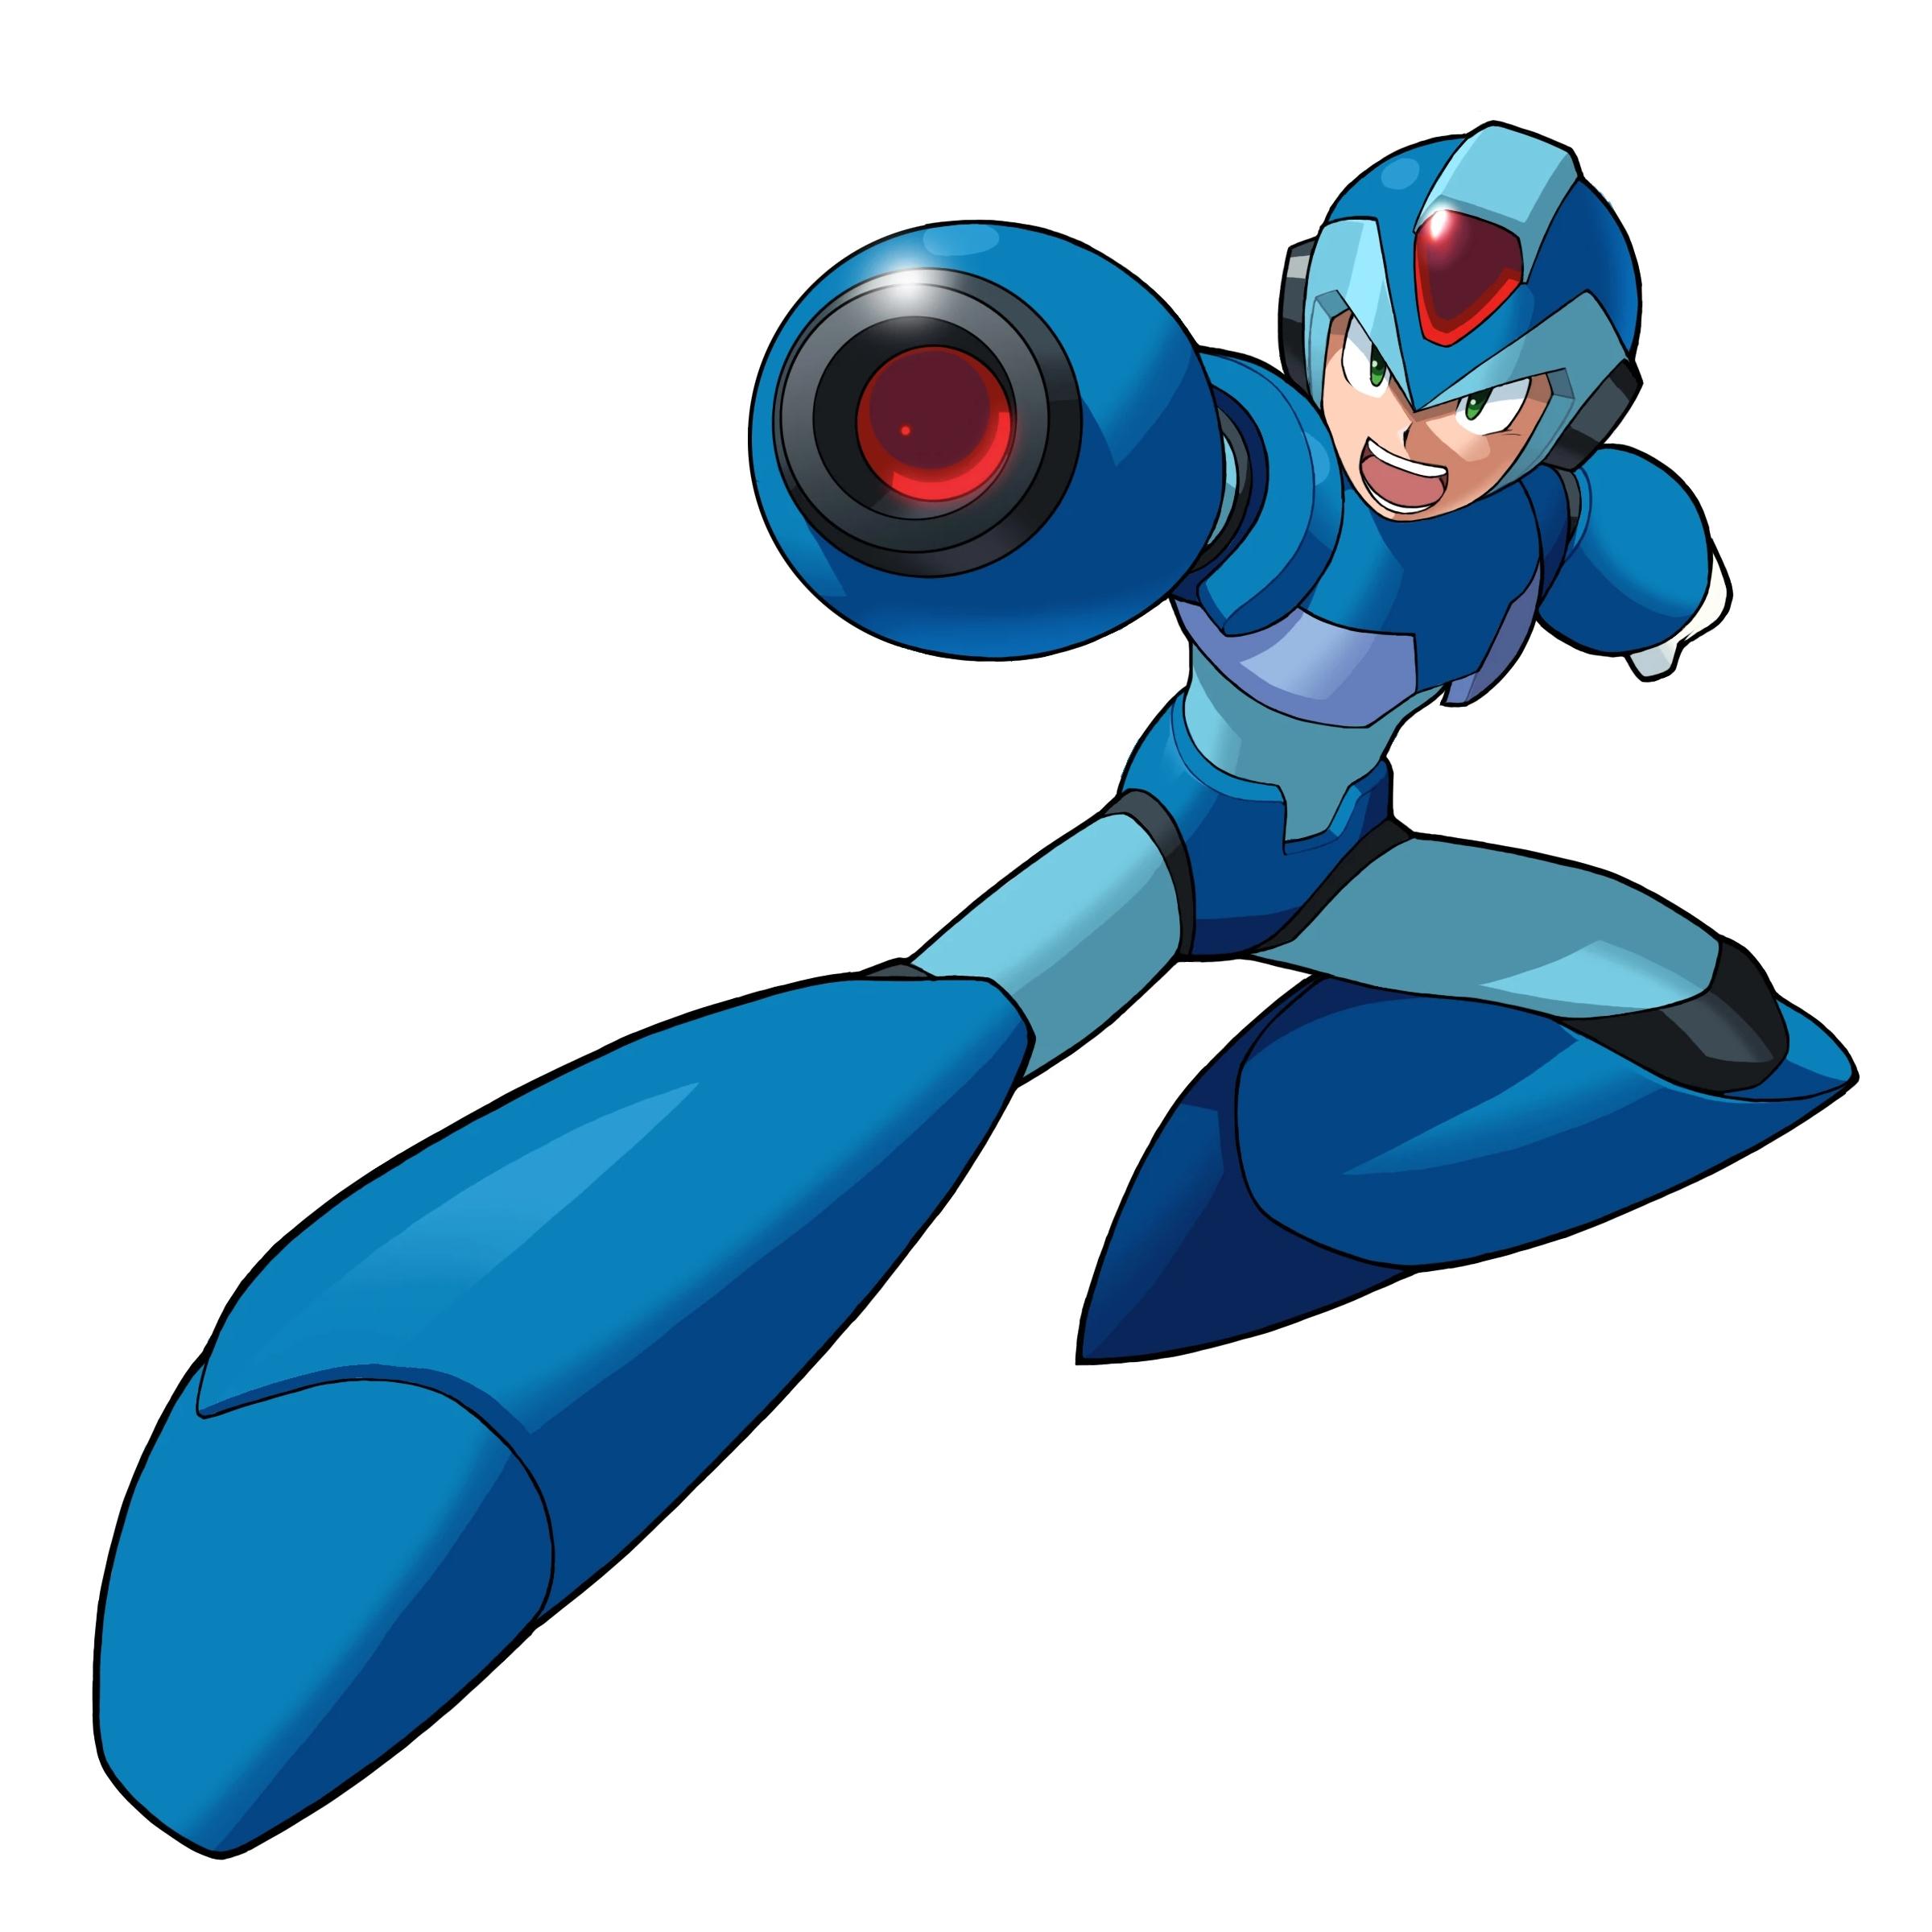 X buster mmkb fandom powered by wikia - Megaman wikia ...